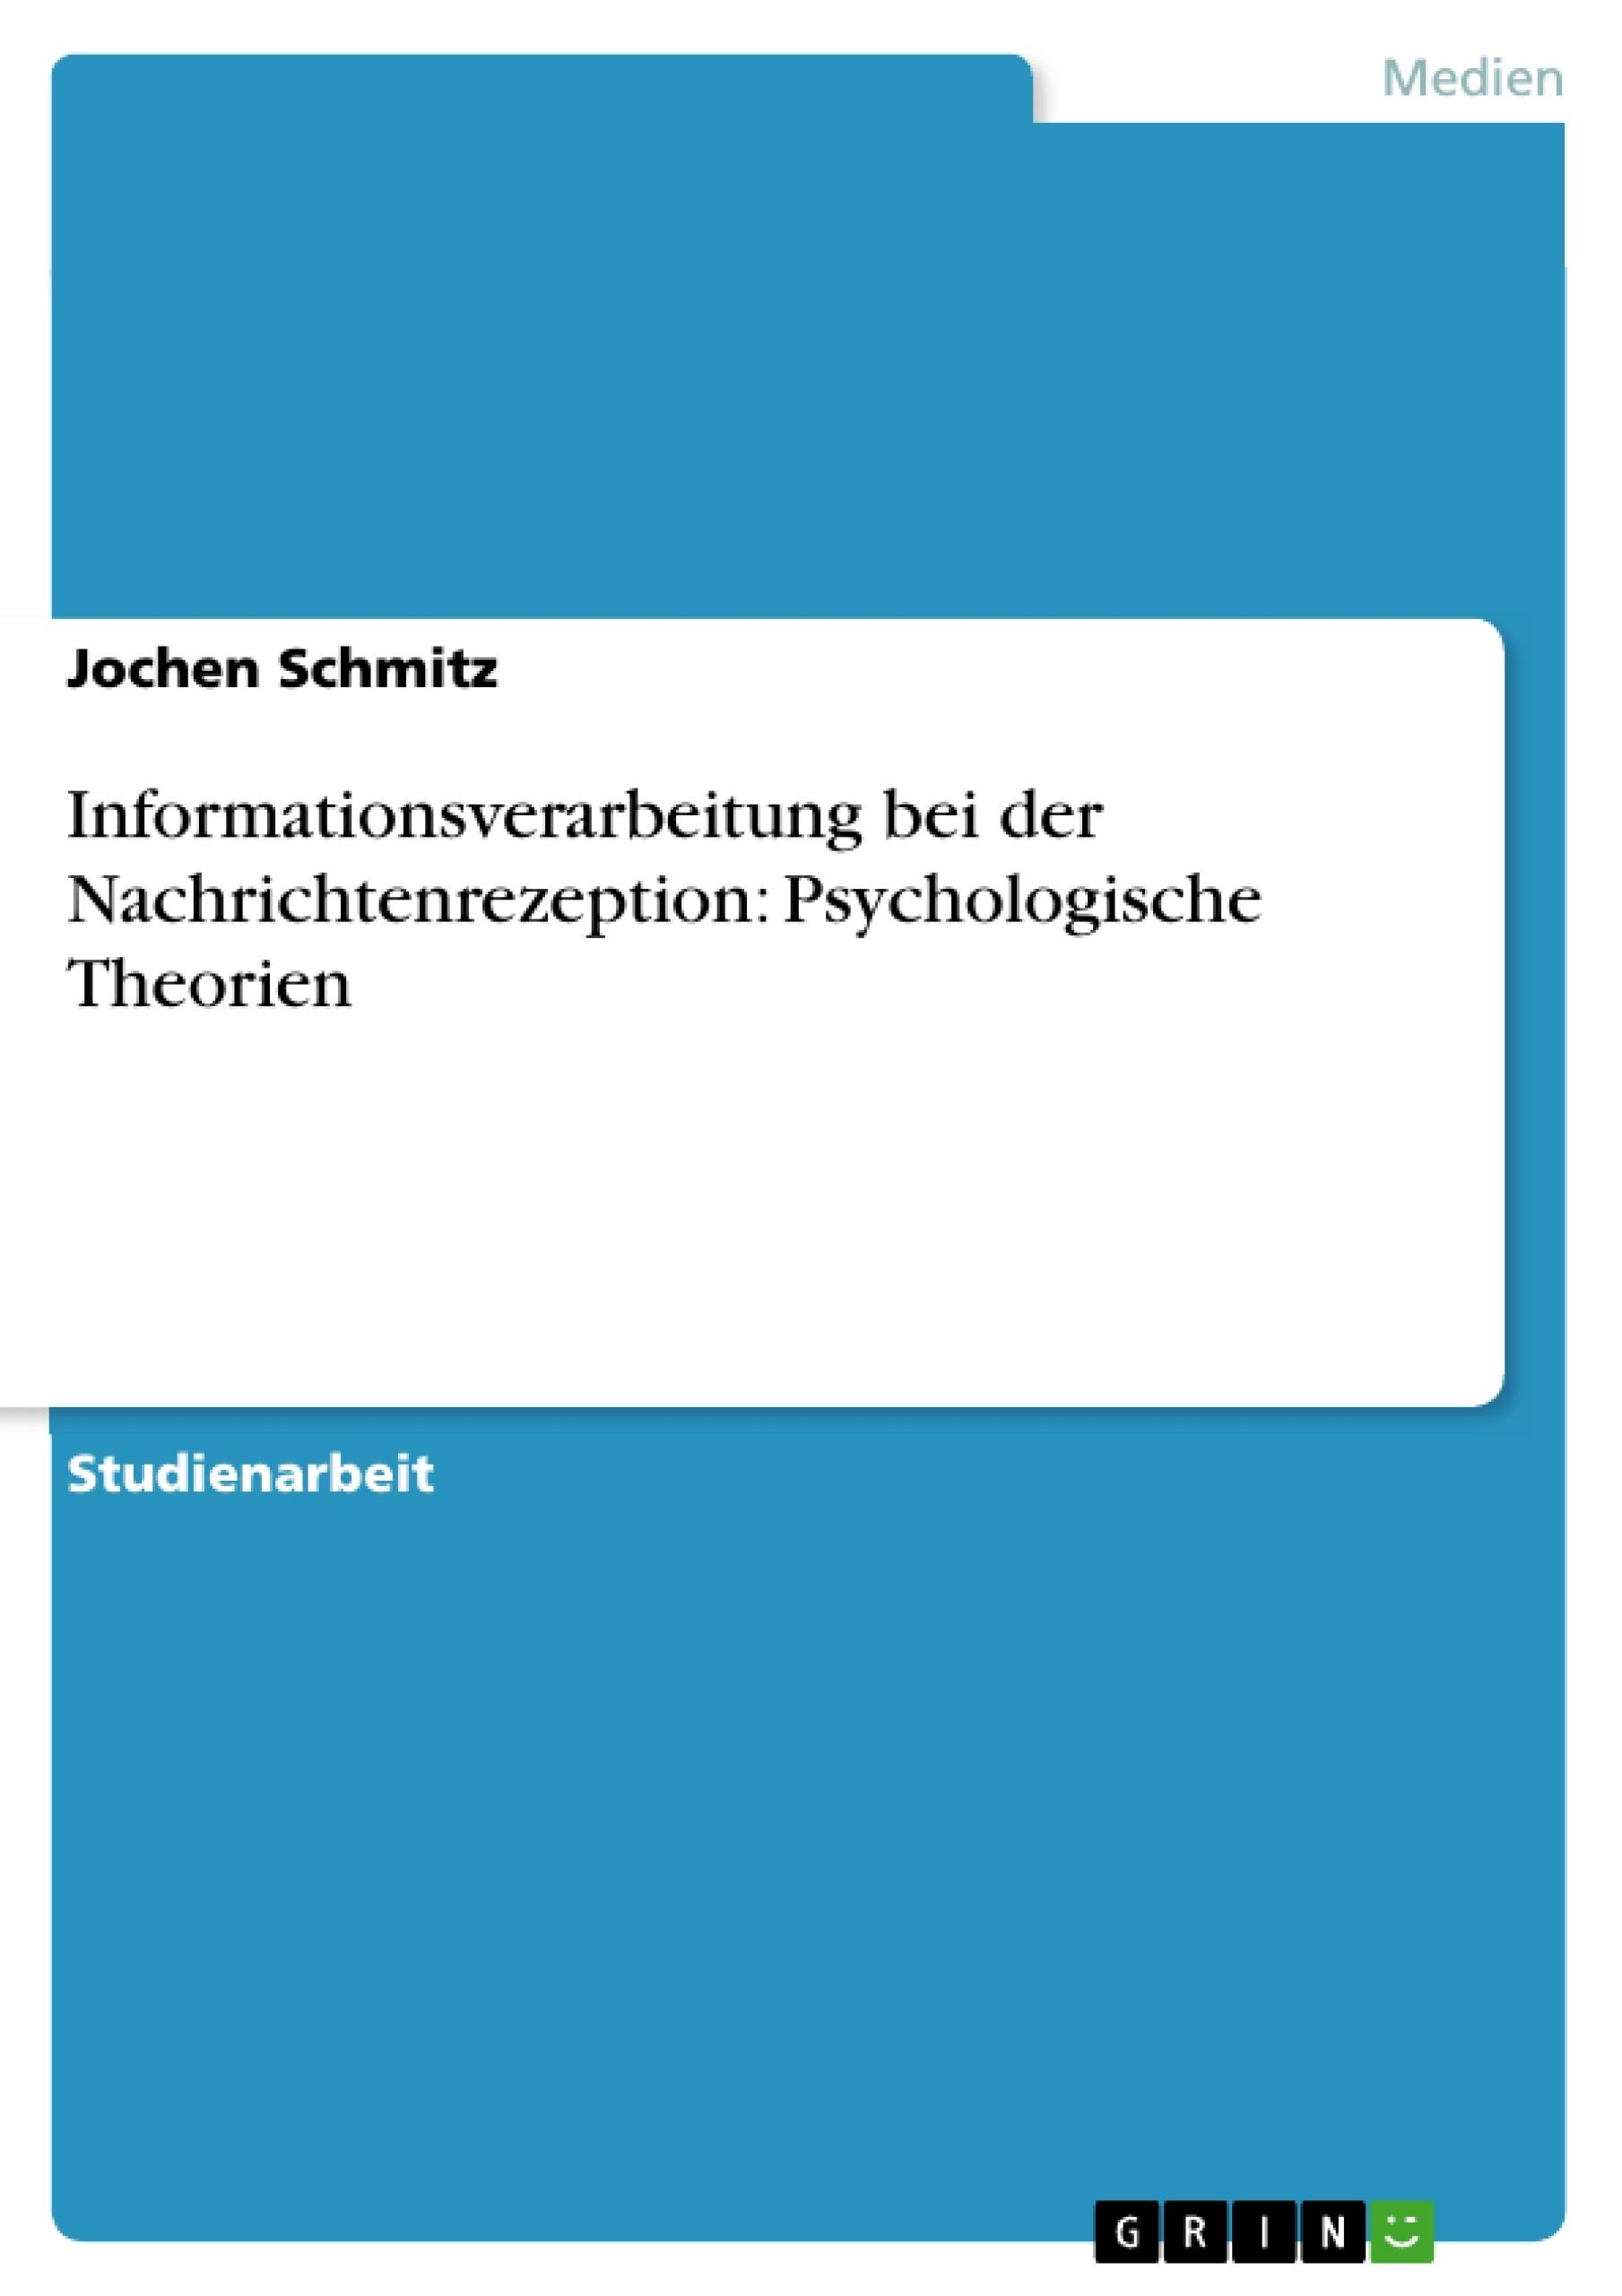 Titel: Informationsverarbeitung bei der Nachrichtenrezeption: Psychologische Theorien